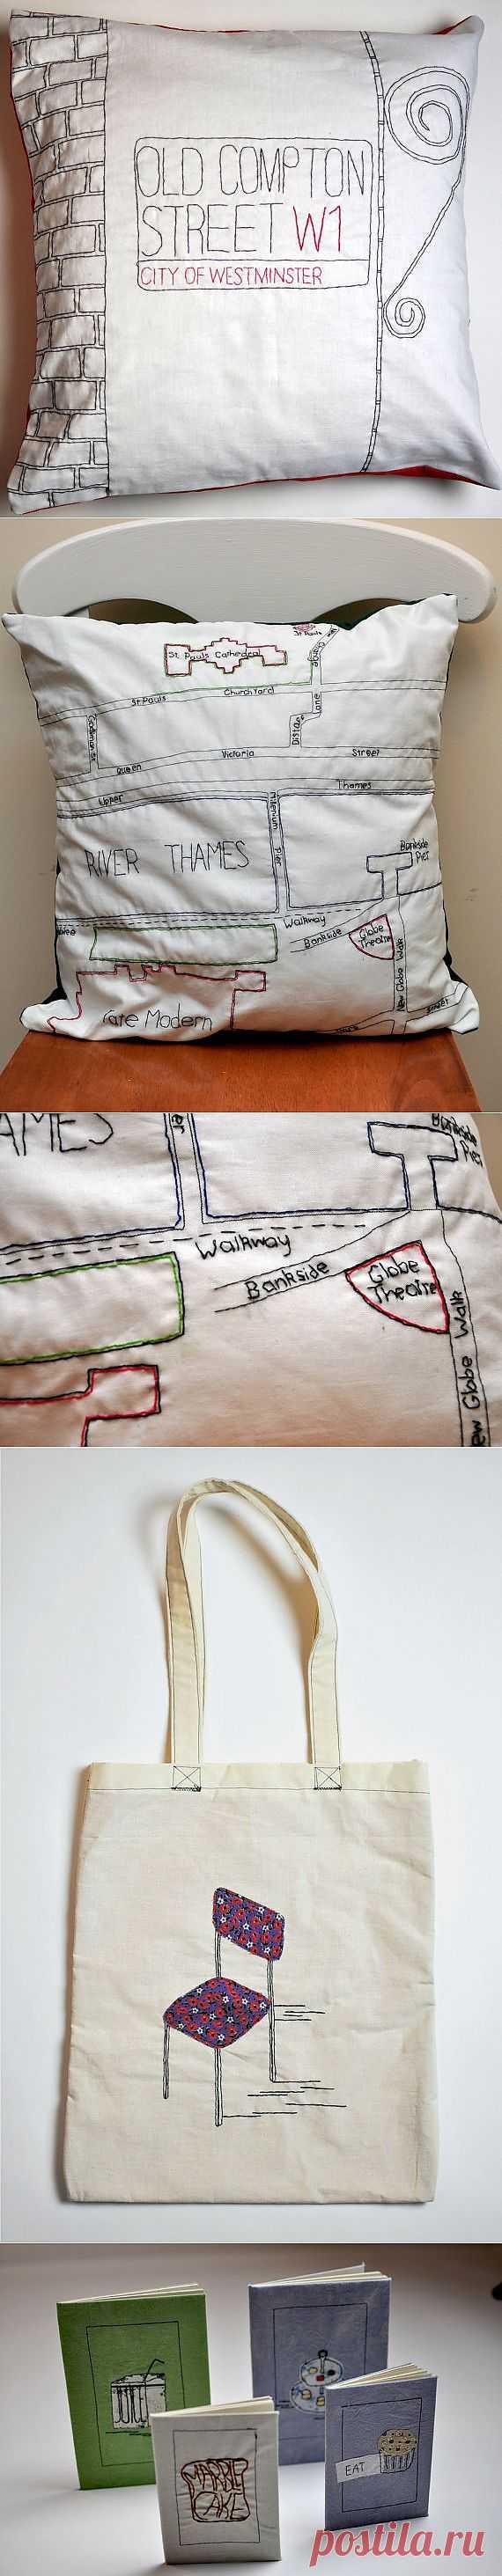 Стежок за стежком (подборка) / Вышивка / Модный сайт о стильной переделке одежды и интерьера